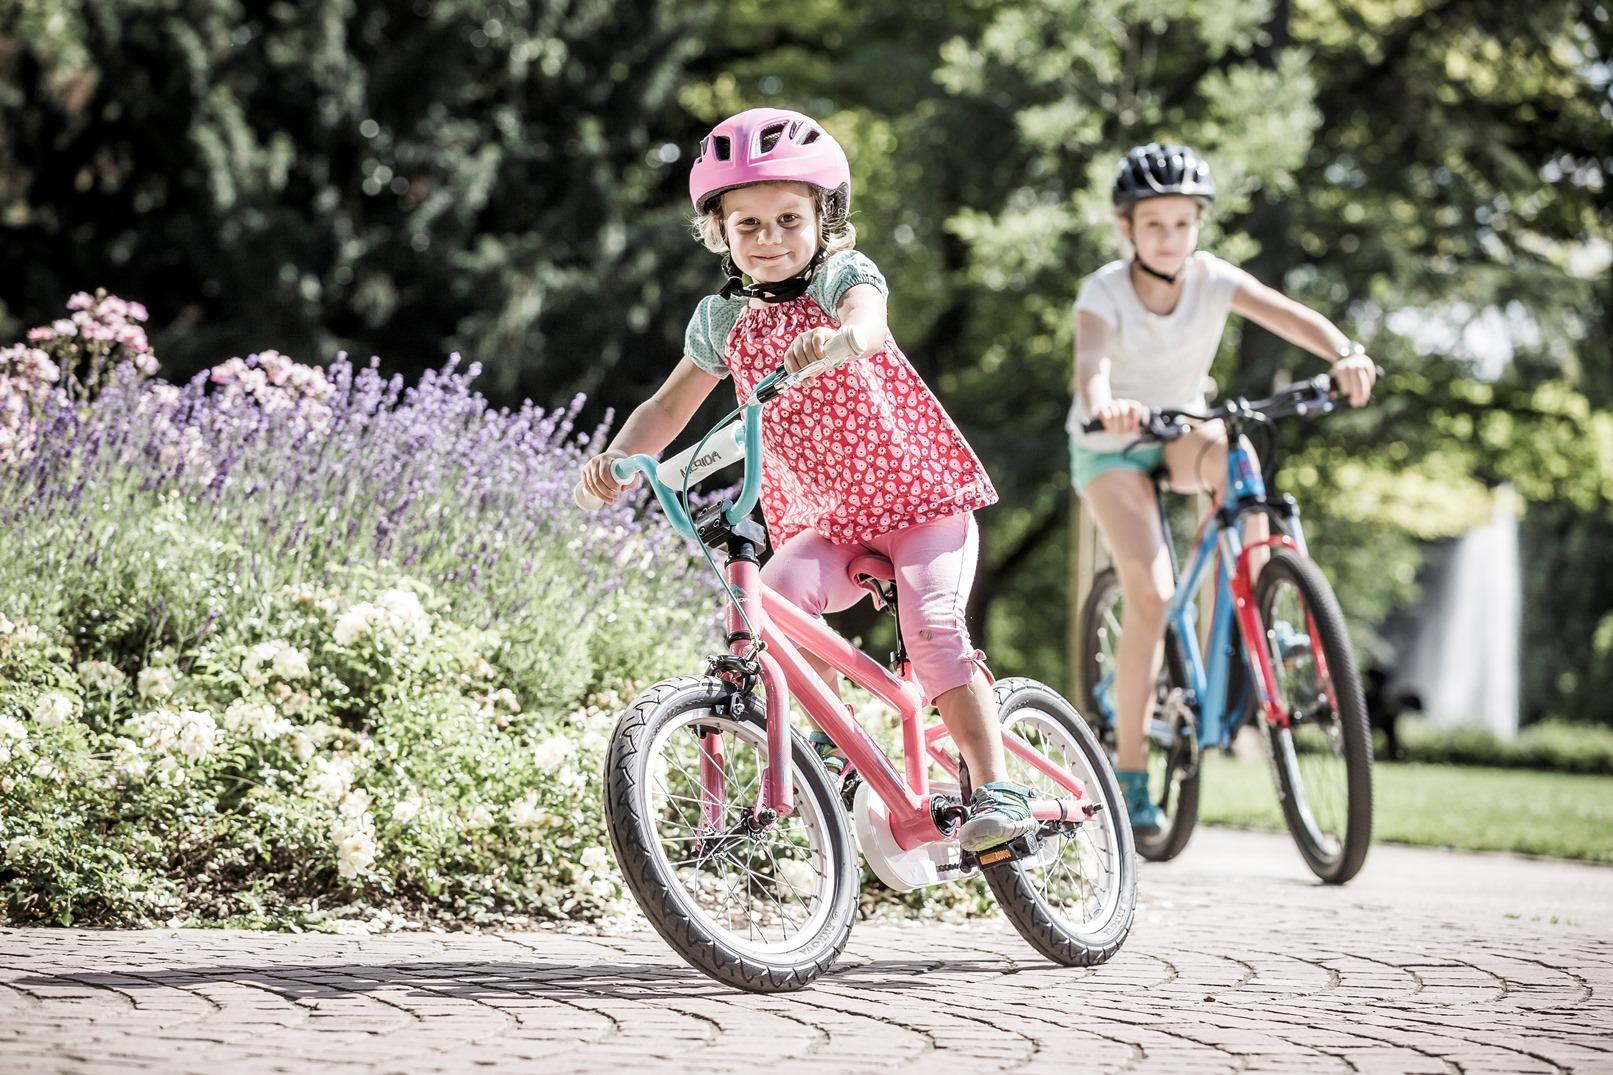 Rowery dziecięce: mniej przełożeń, mniej problemów